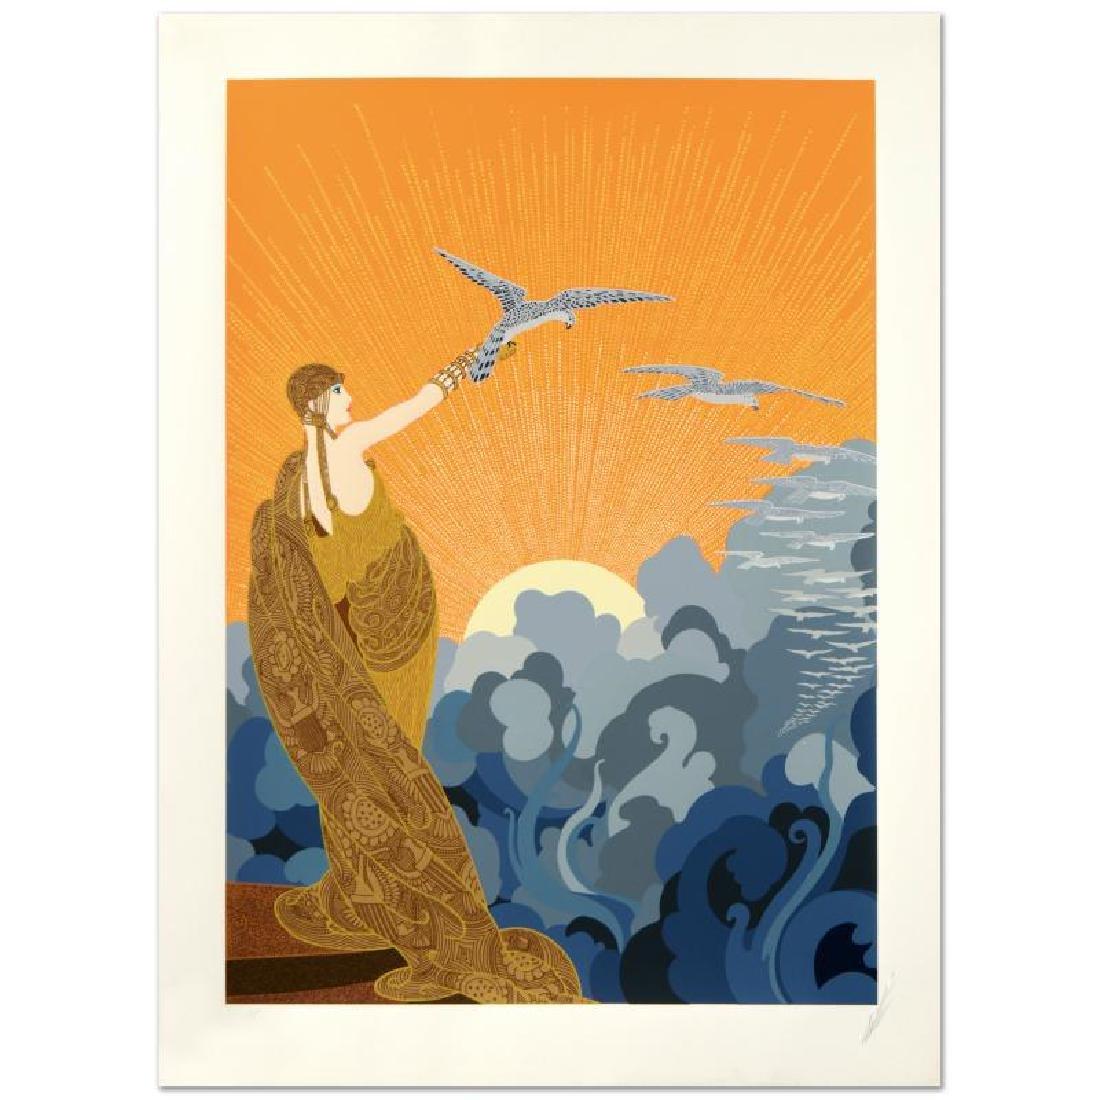 Wings of Victory by Erte (1892-1990)